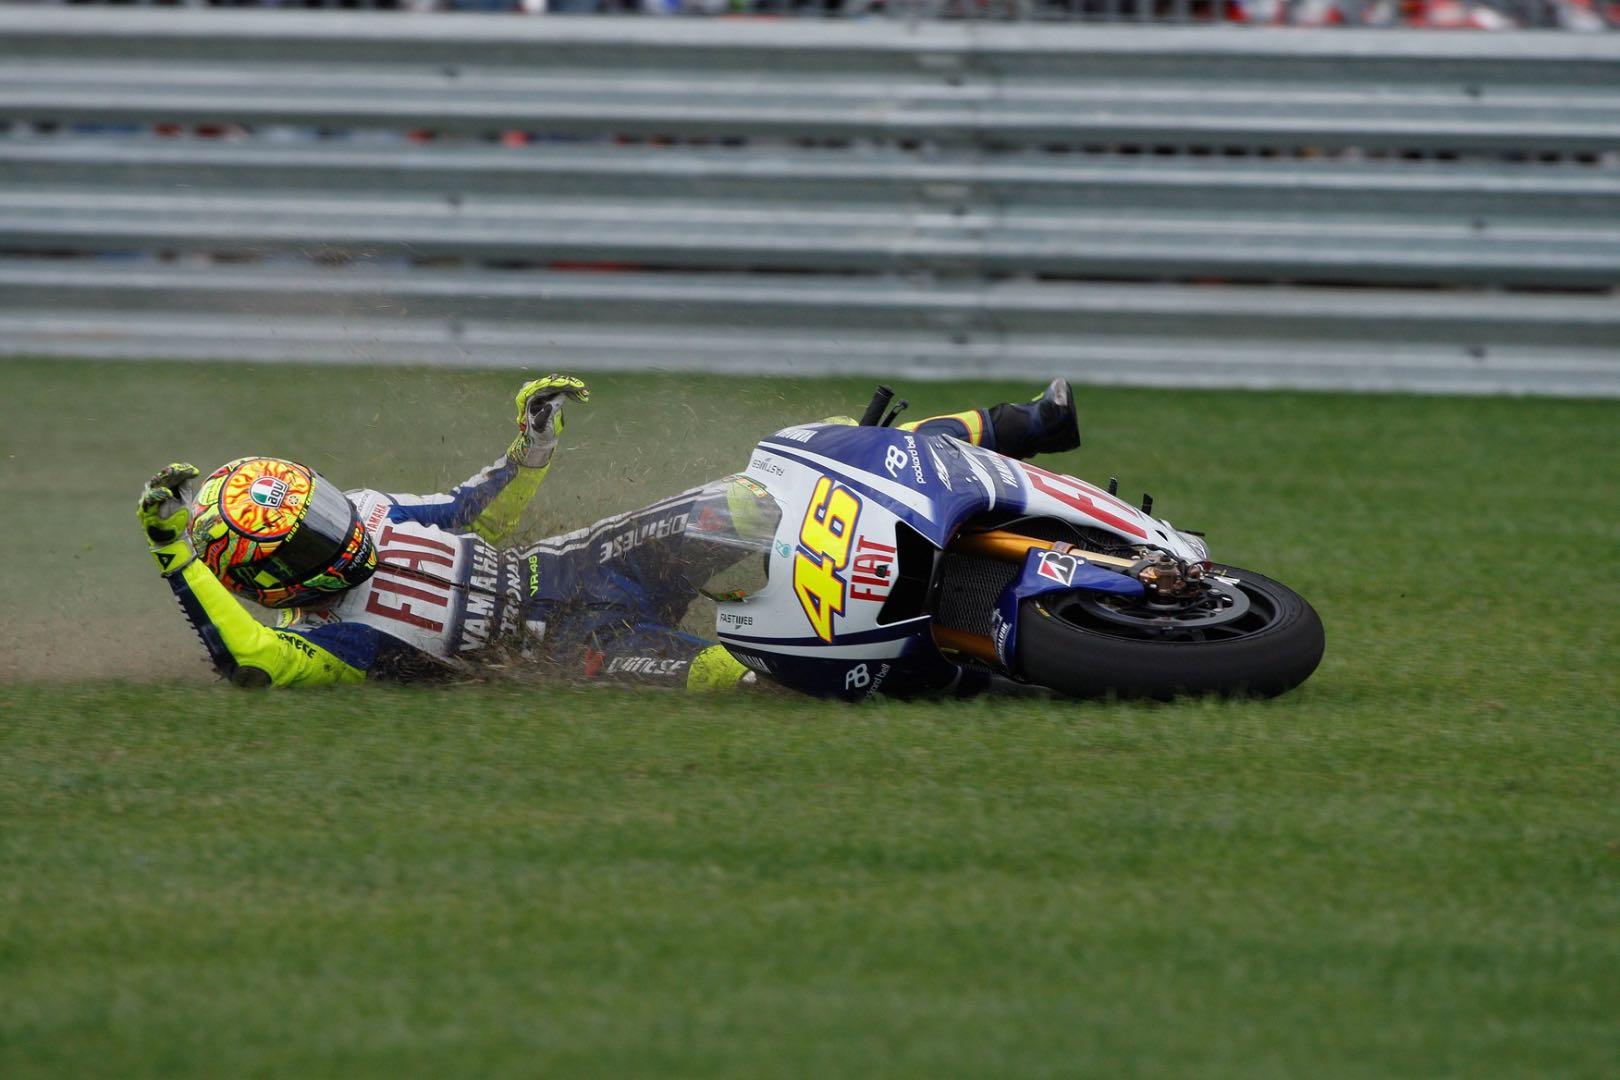 Airbag Motorcycle Suits Now Mandatory in 2018 MotoGP